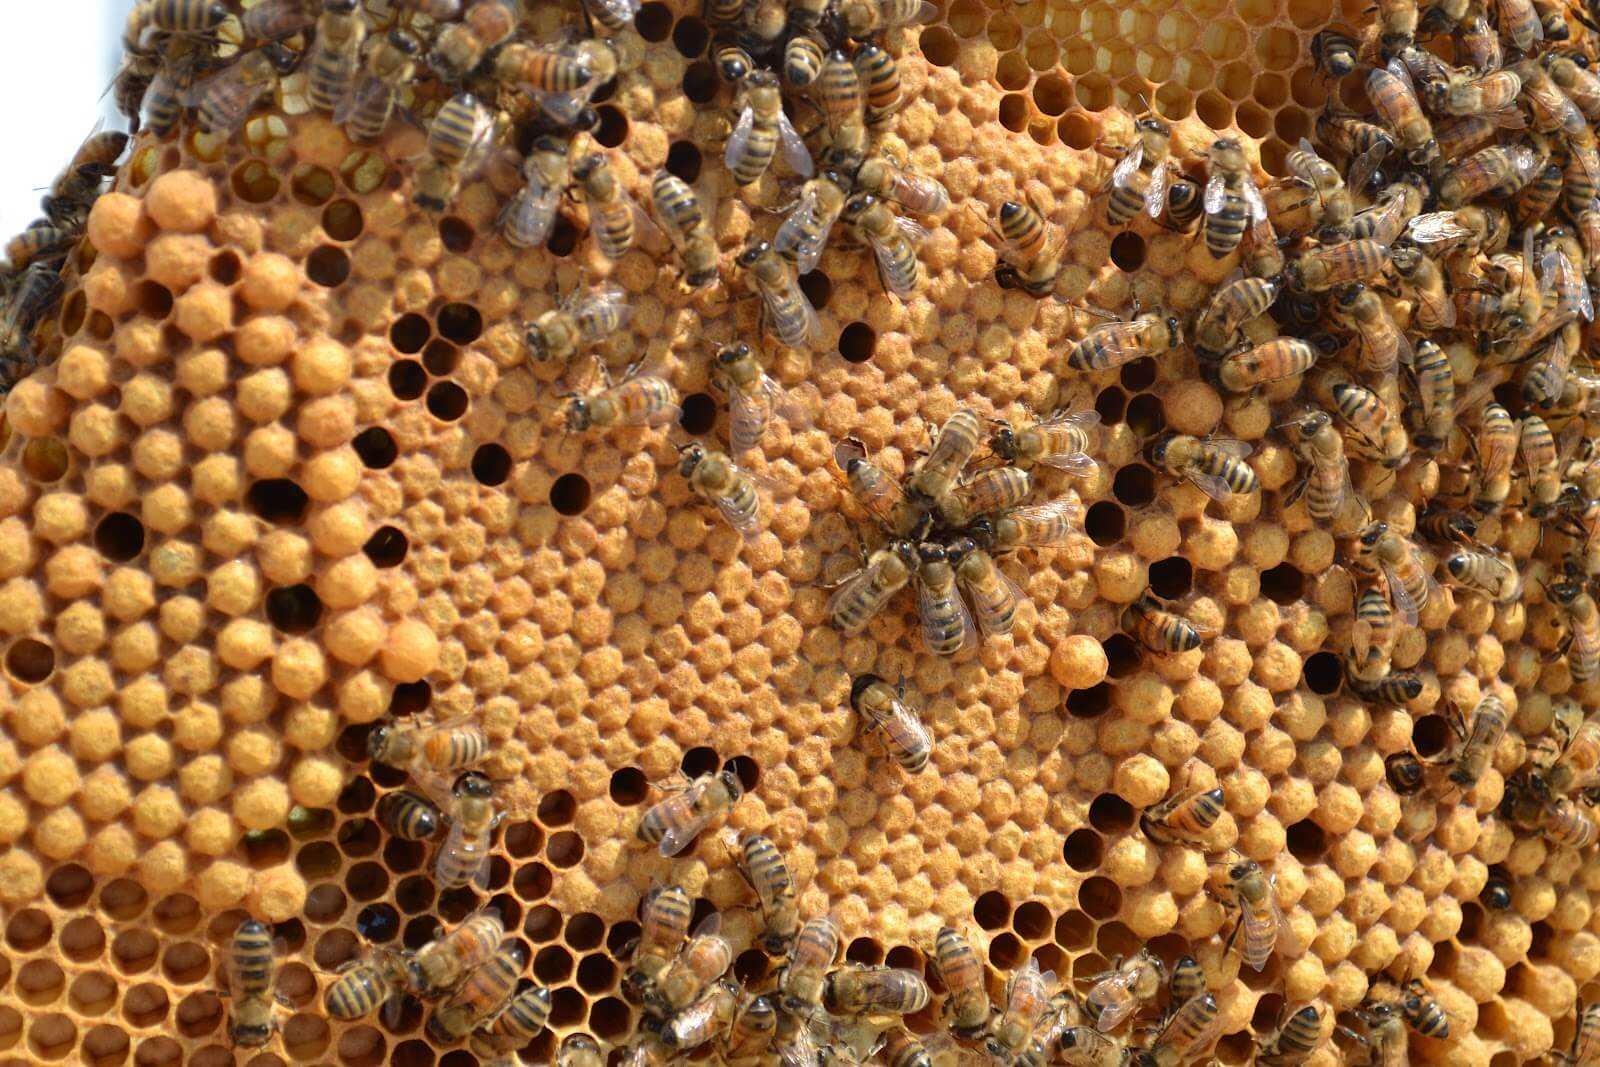 горбатый расплод у пчел фото для примера